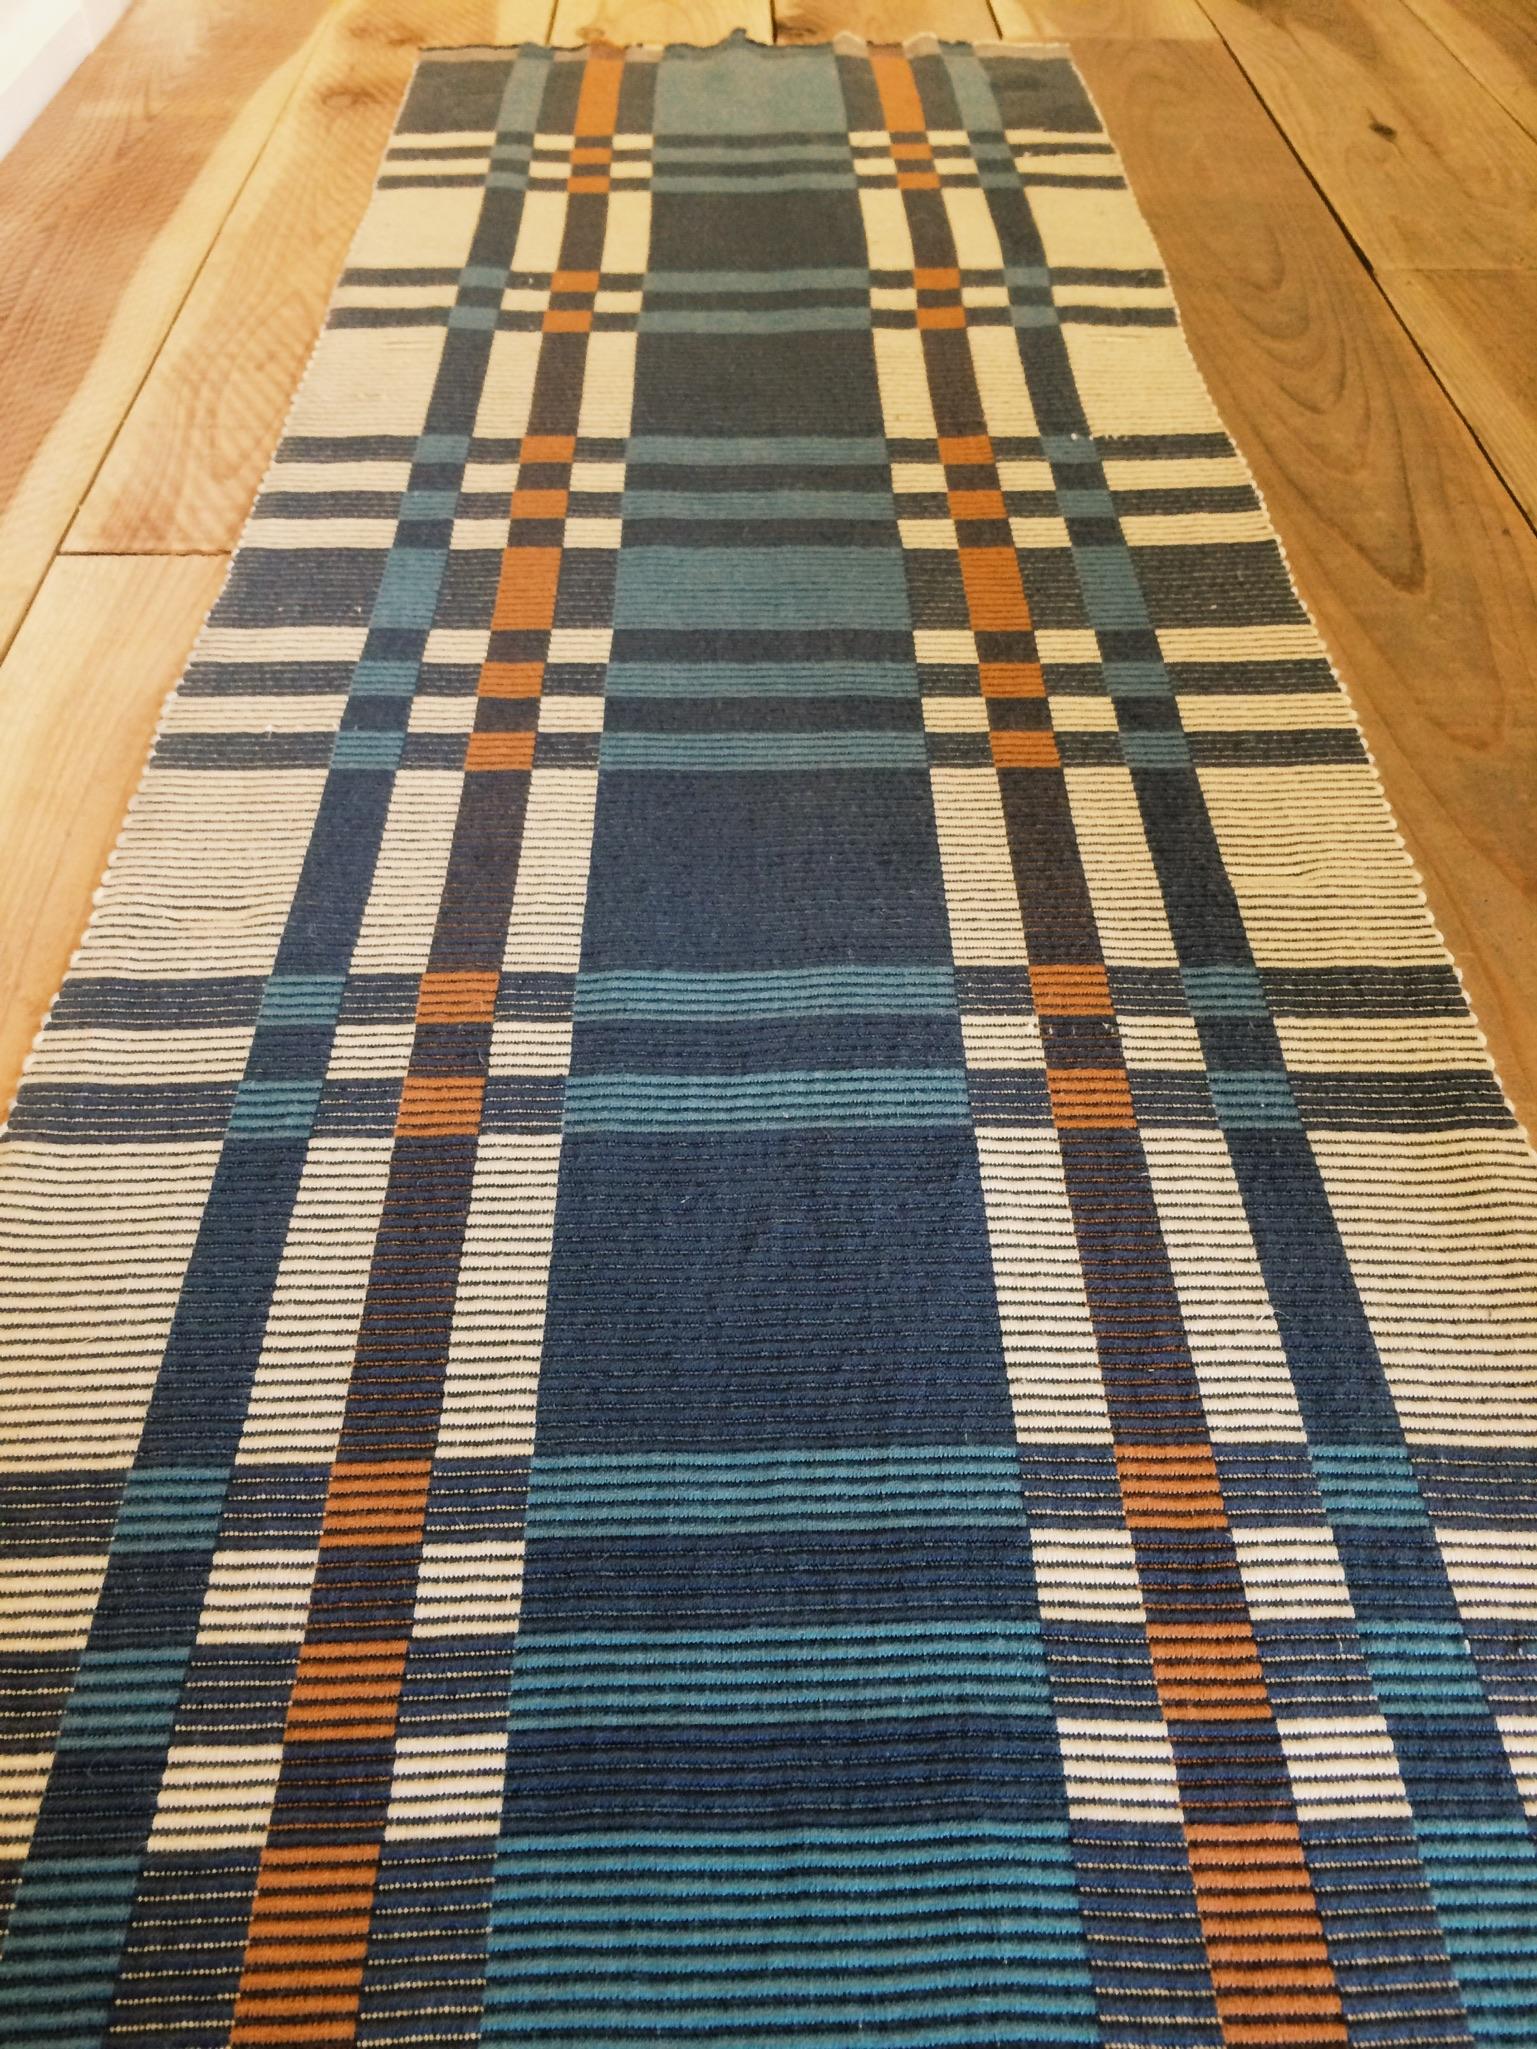 Rep Weave Mat_45cm×165cm